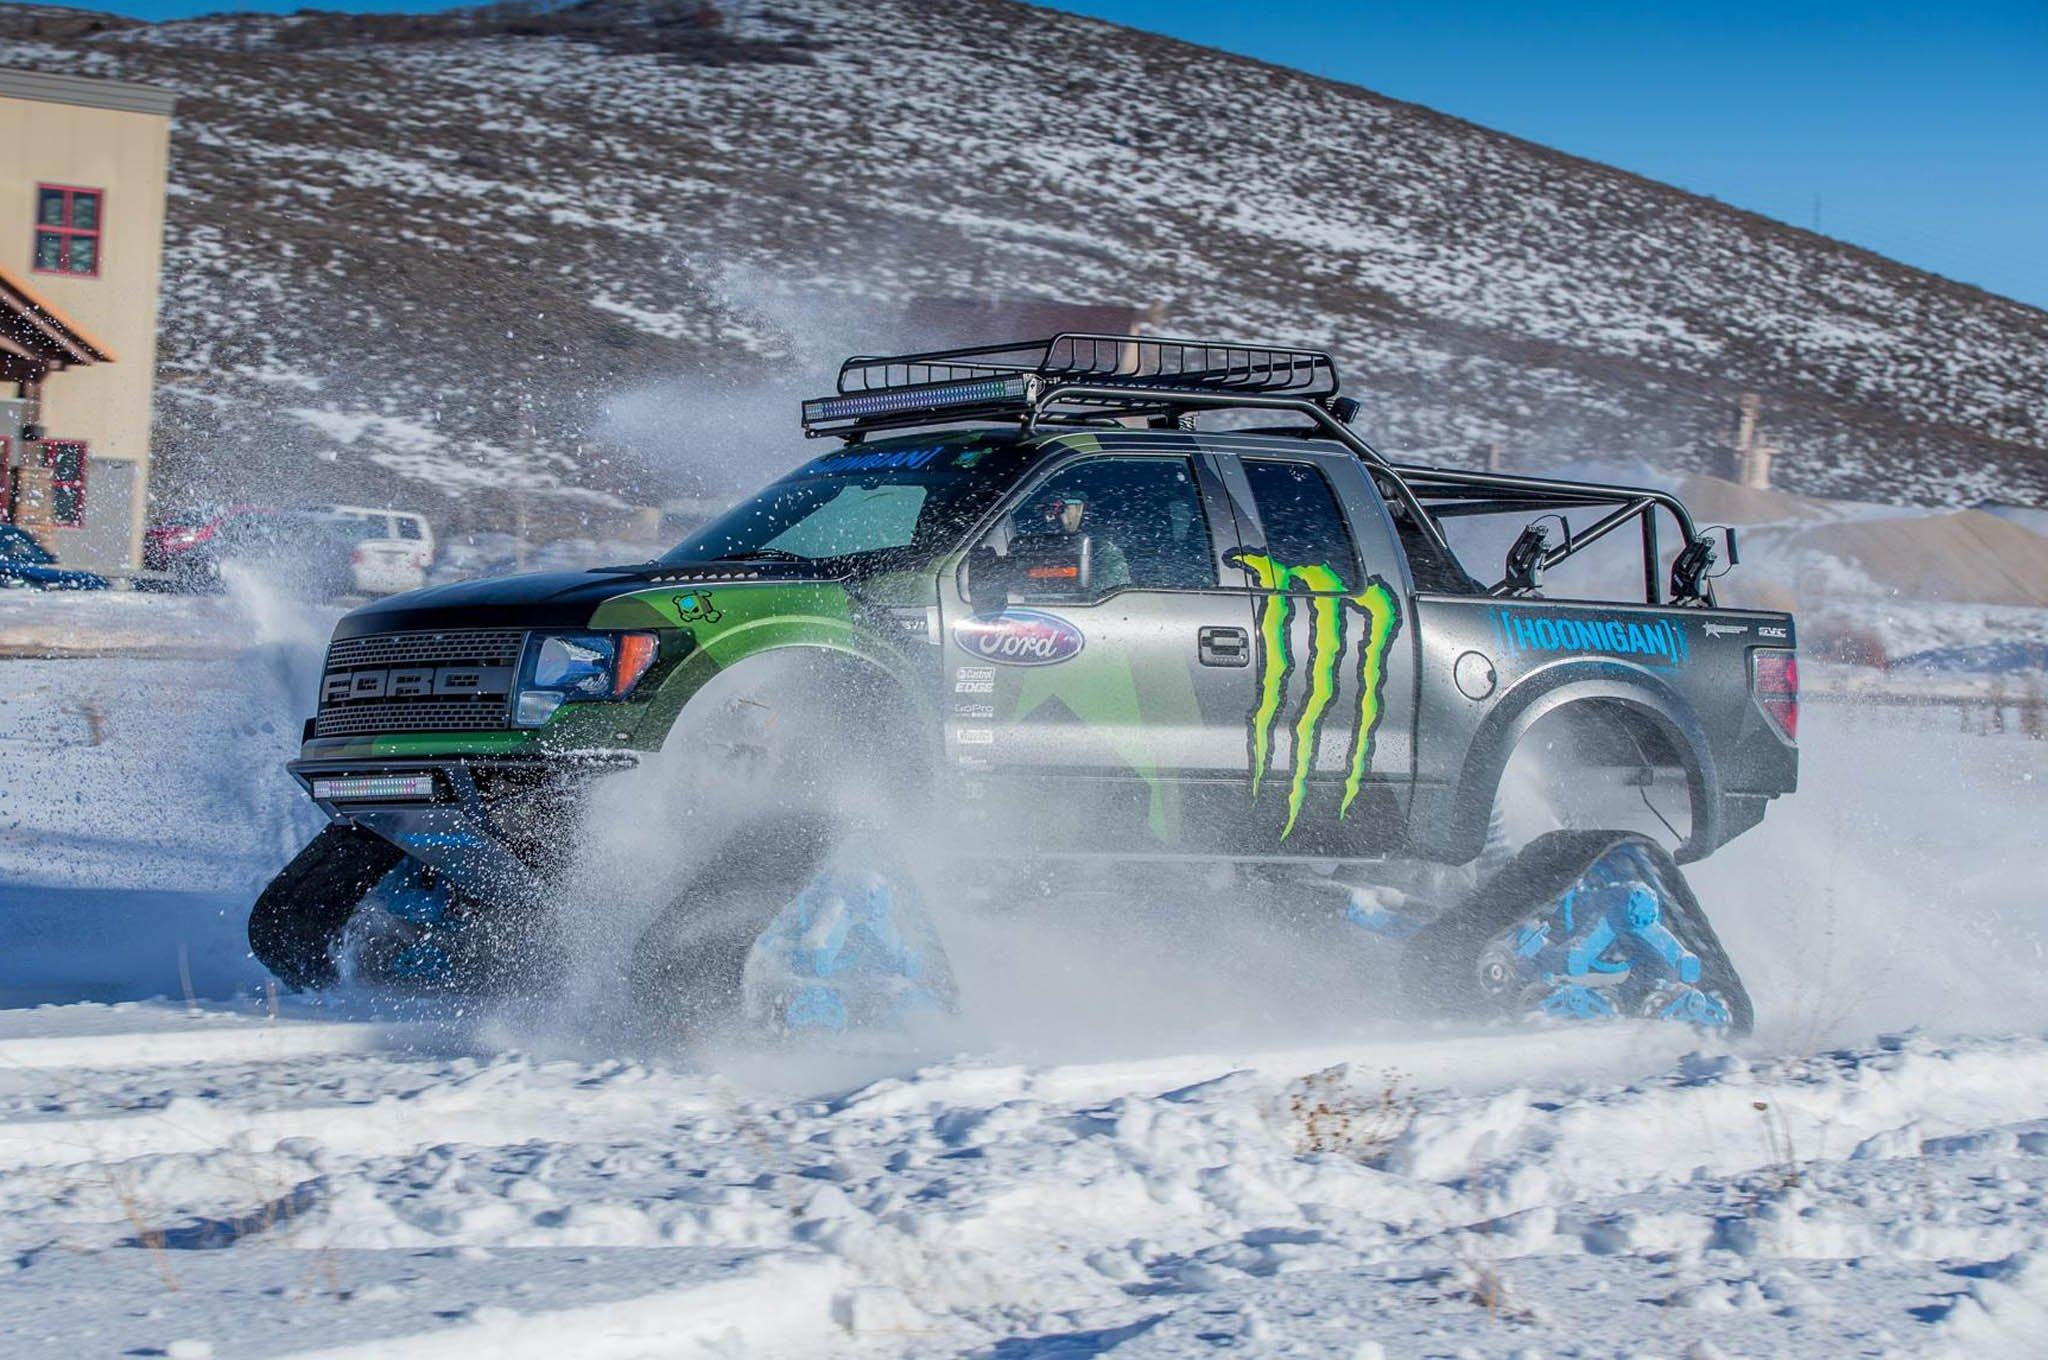 2014 Ford F 150 Raptor Trax 4x4 Winter Snow Pickup Tuning